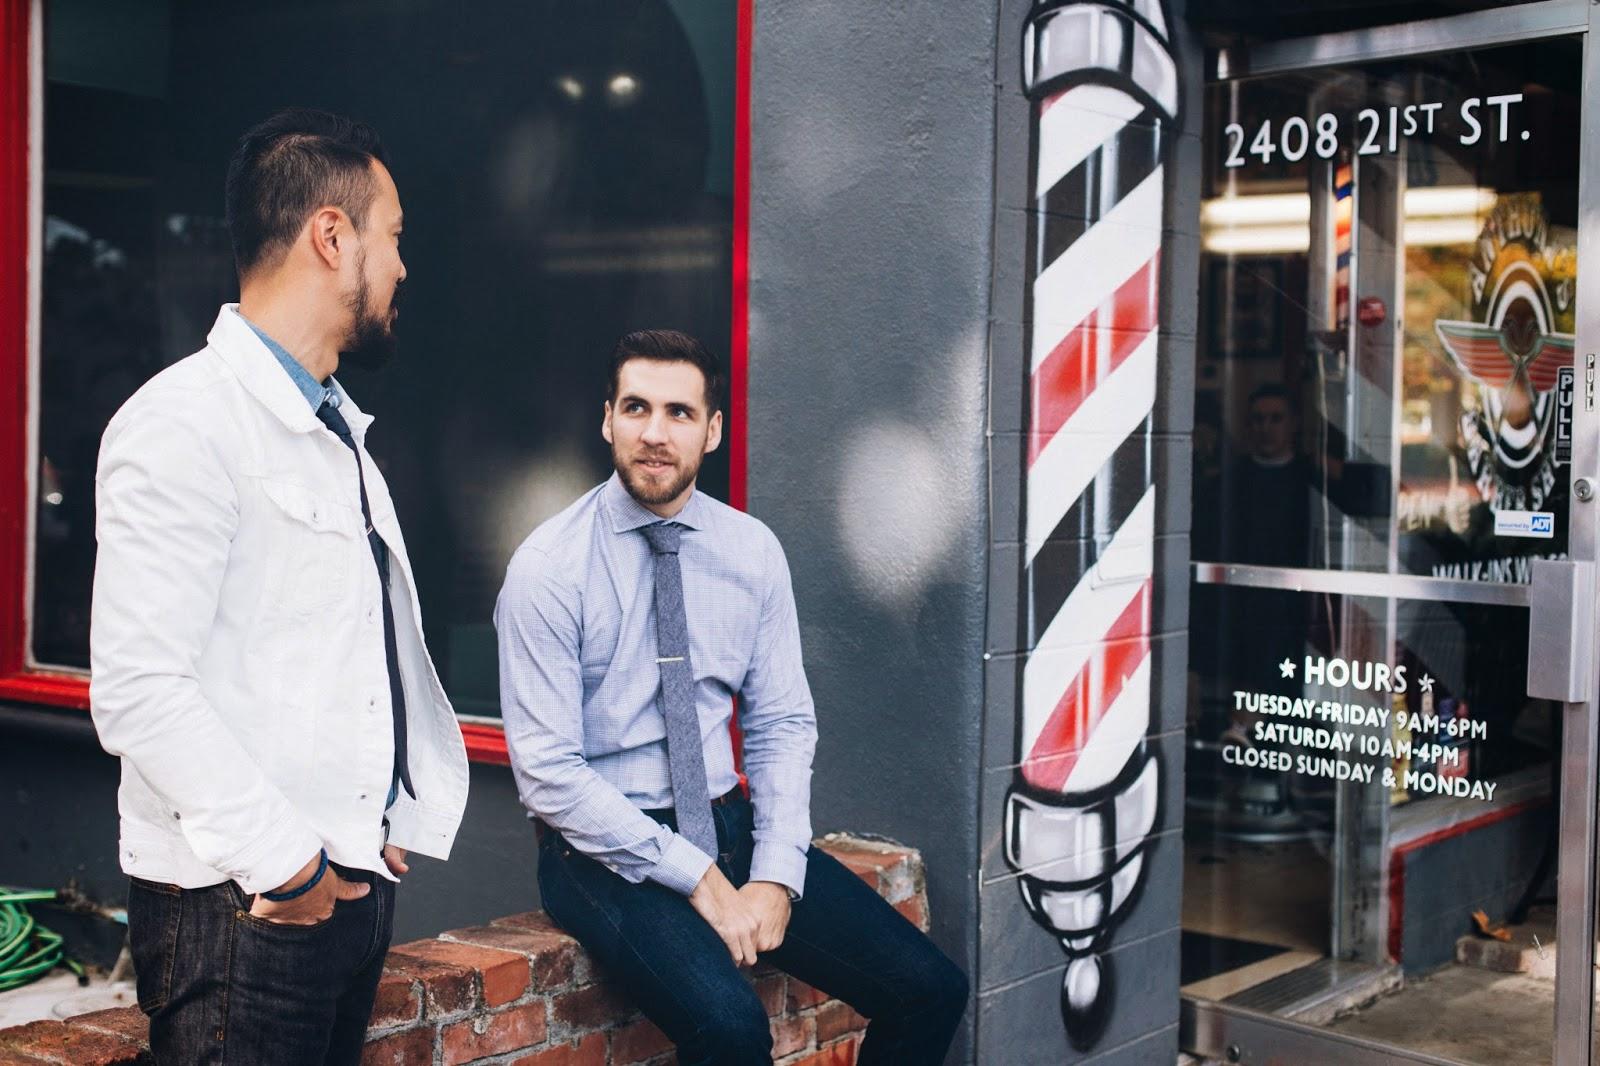 anthony's barber shop